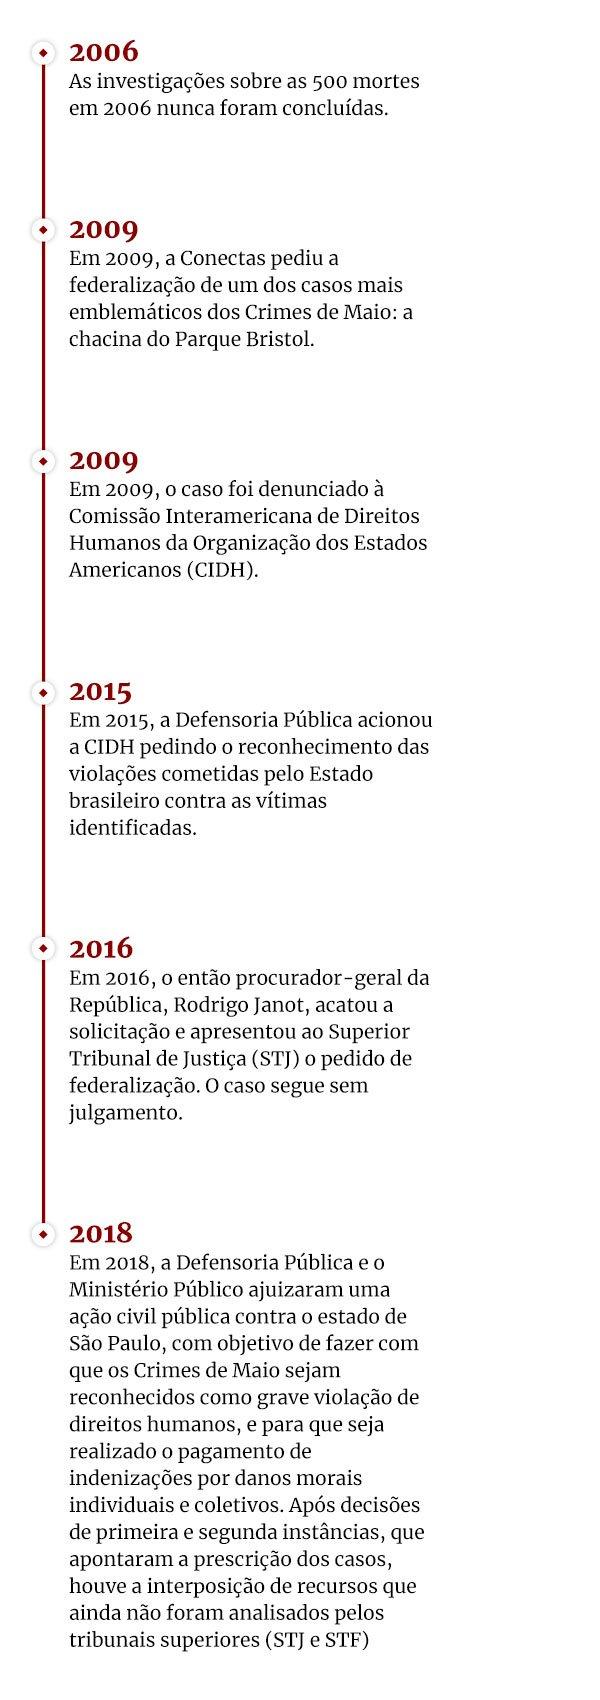 crimes de maio